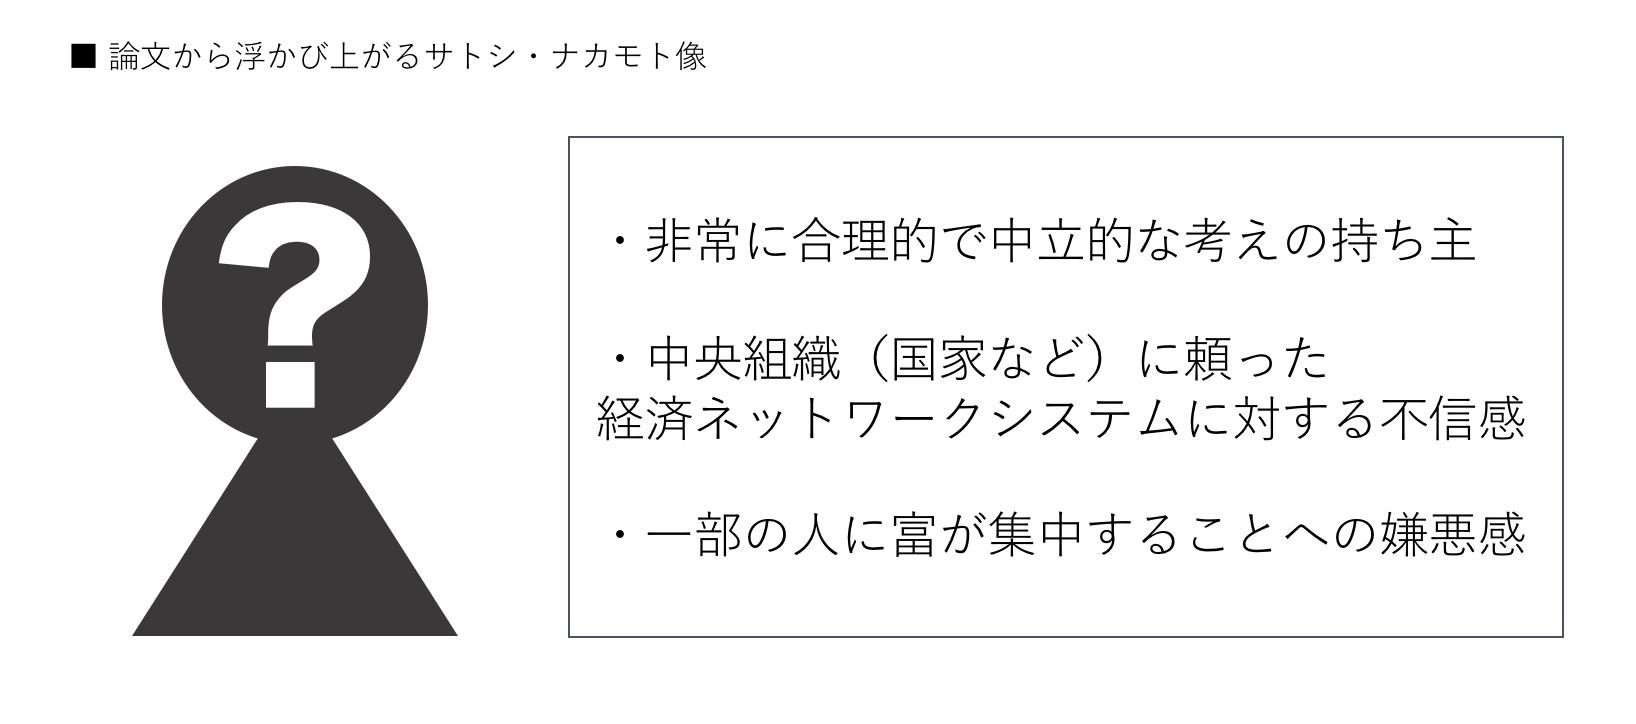 仮想通貨ビットコインの創始者サトシ・ナカモト像